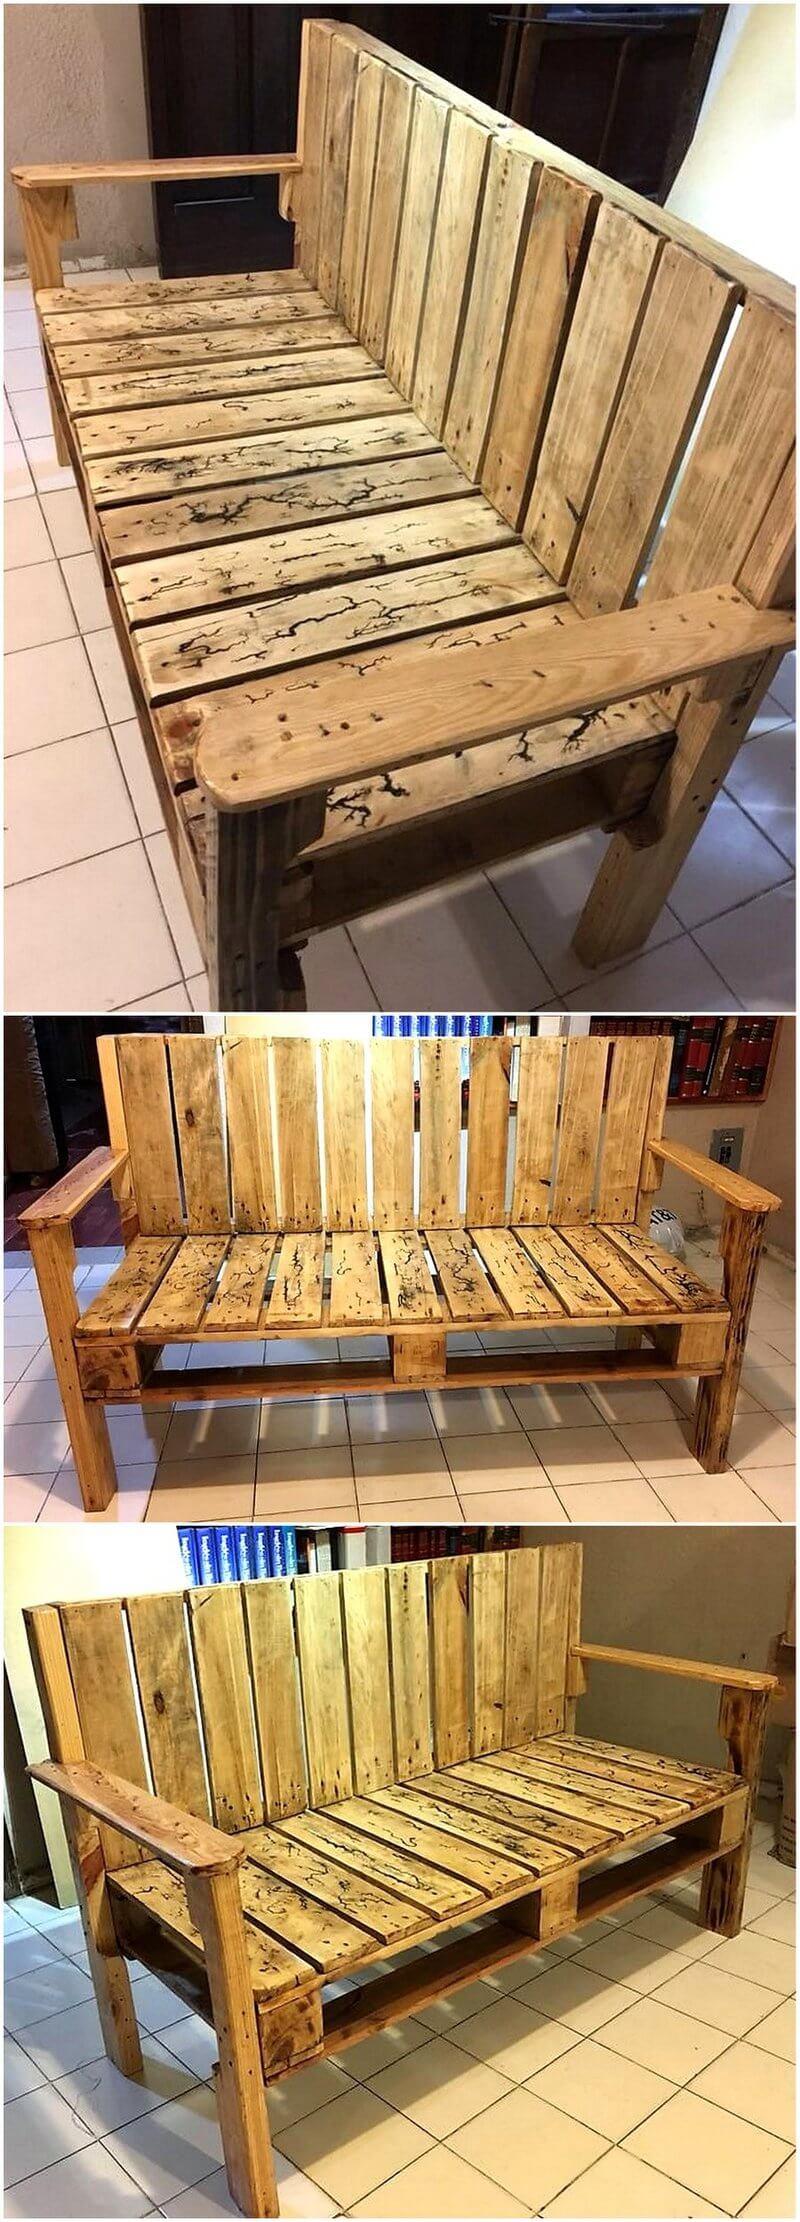 pallet made bench plan